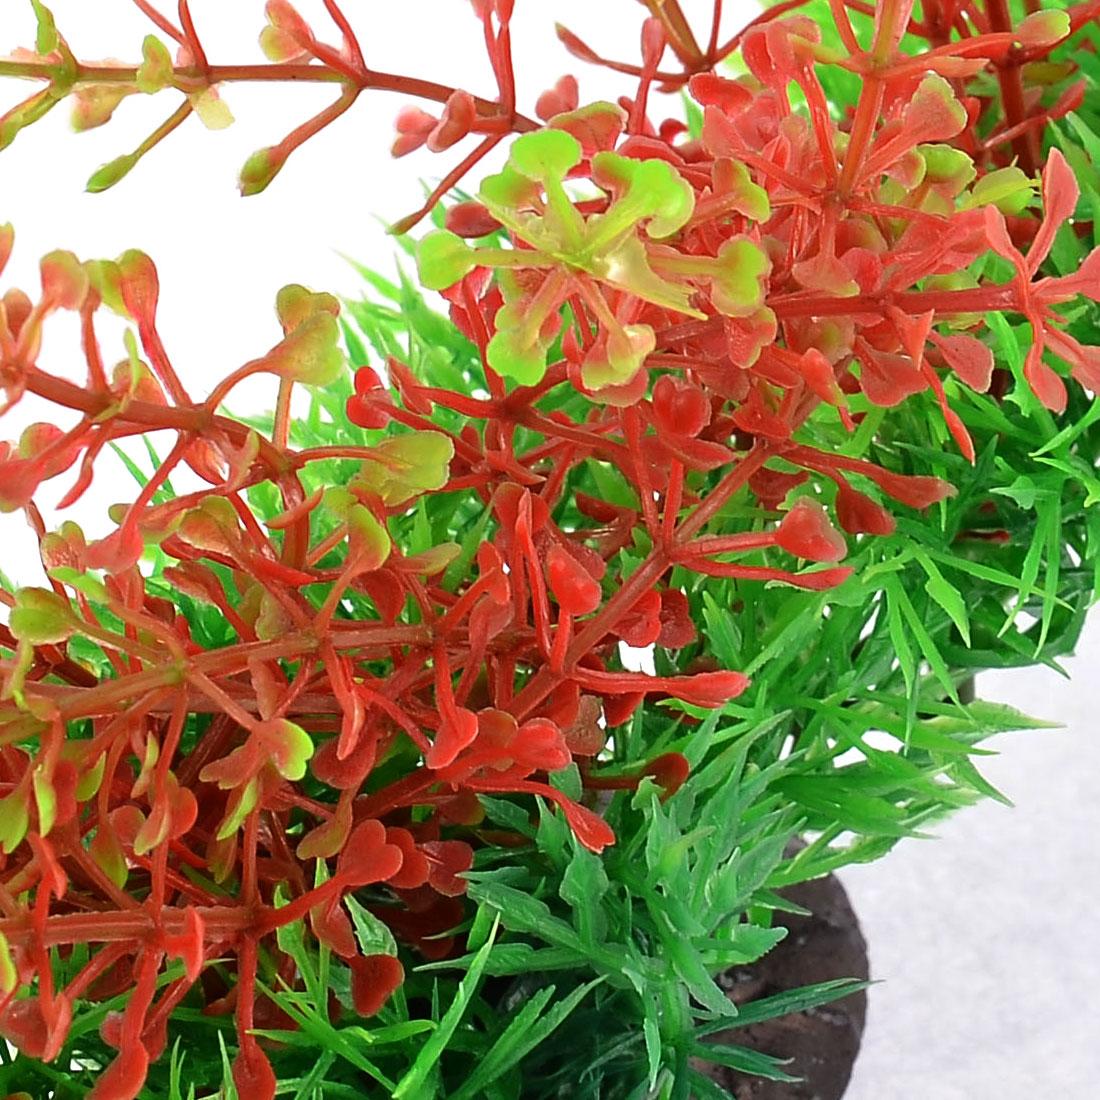 Unique Bargains Fish Tank Aquarium Green Red Plastic Emulational Underwater Plant 11cm High - image 1 of 3